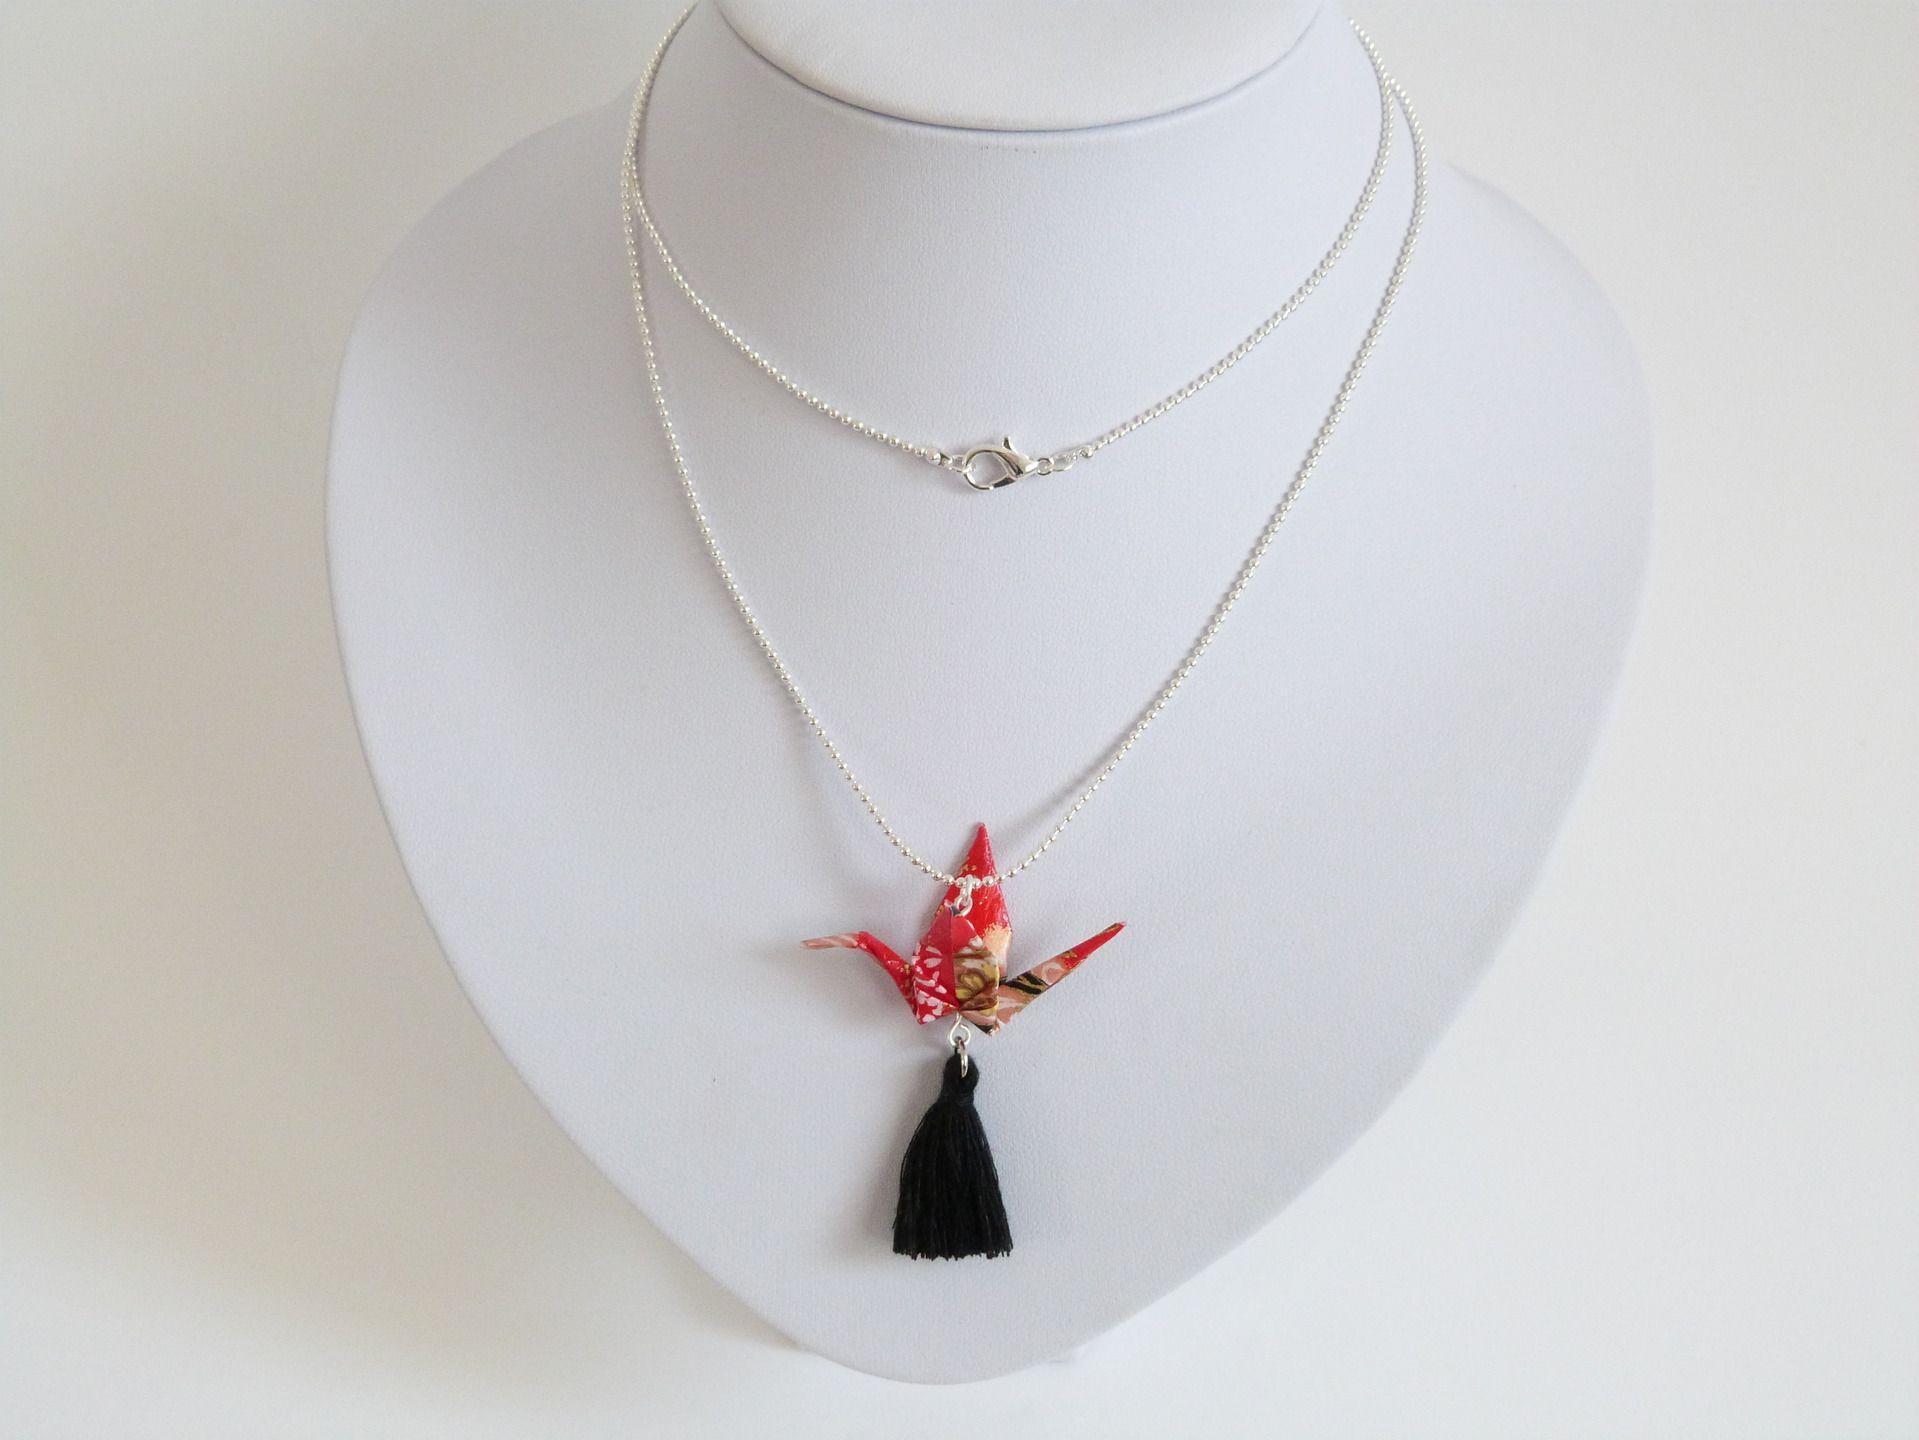 fr sautoir grue japonaise origami chaine microbilles papier washi rouge noir dore bijou origami. Black Bedroom Furniture Sets. Home Design Ideas